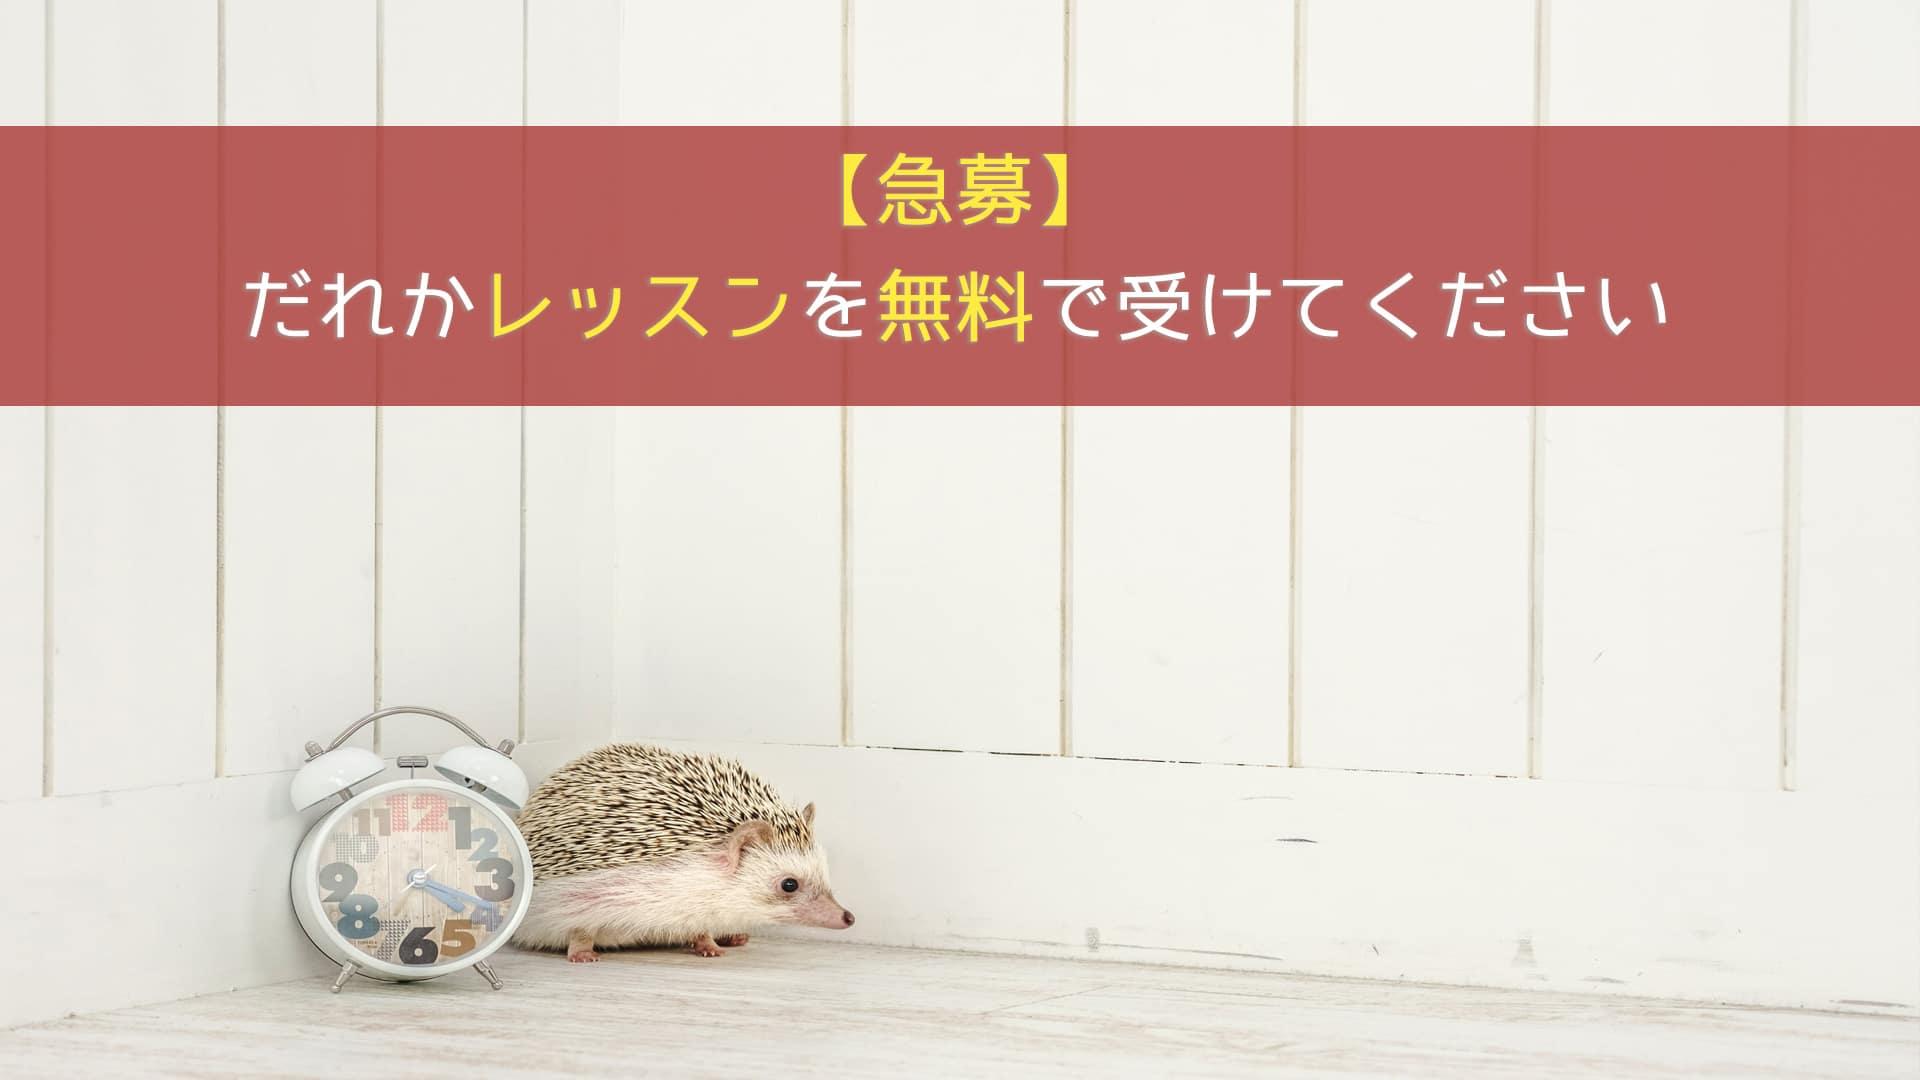 【急募】5/18(土) 12:00~13:00にレッスンを無料で受けてくれる方